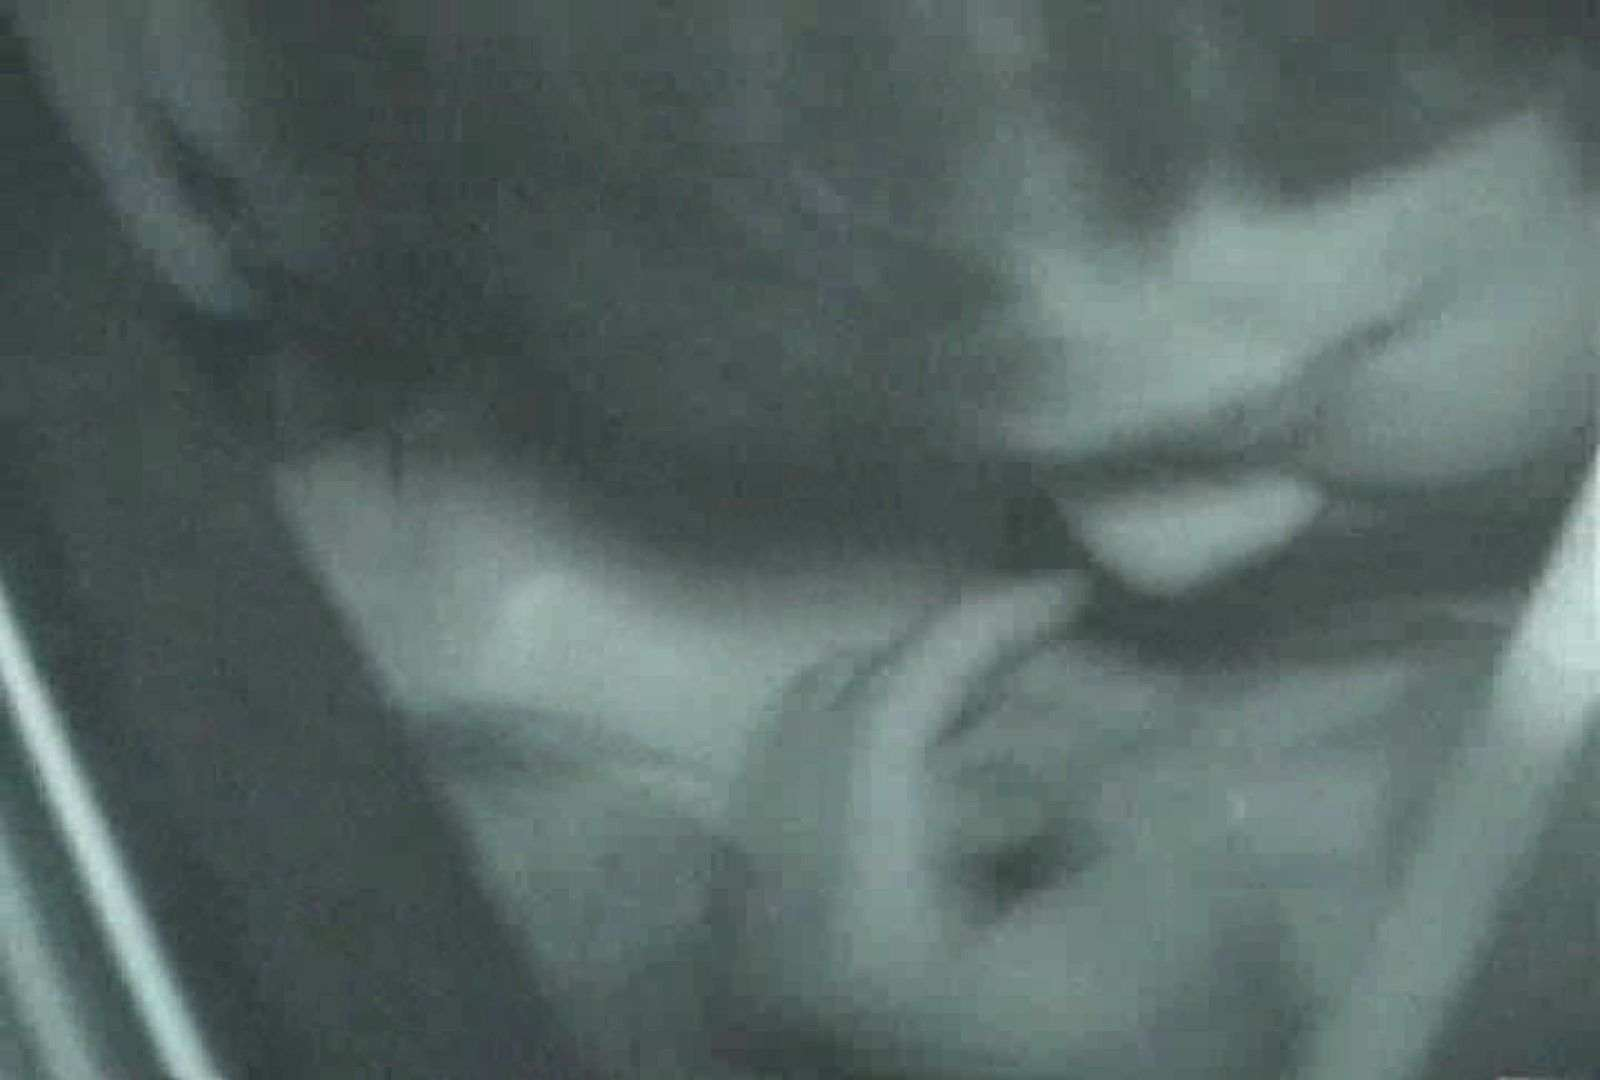 充血監督の深夜の運動会Vol.45 ローター エロ画像 101画像 48